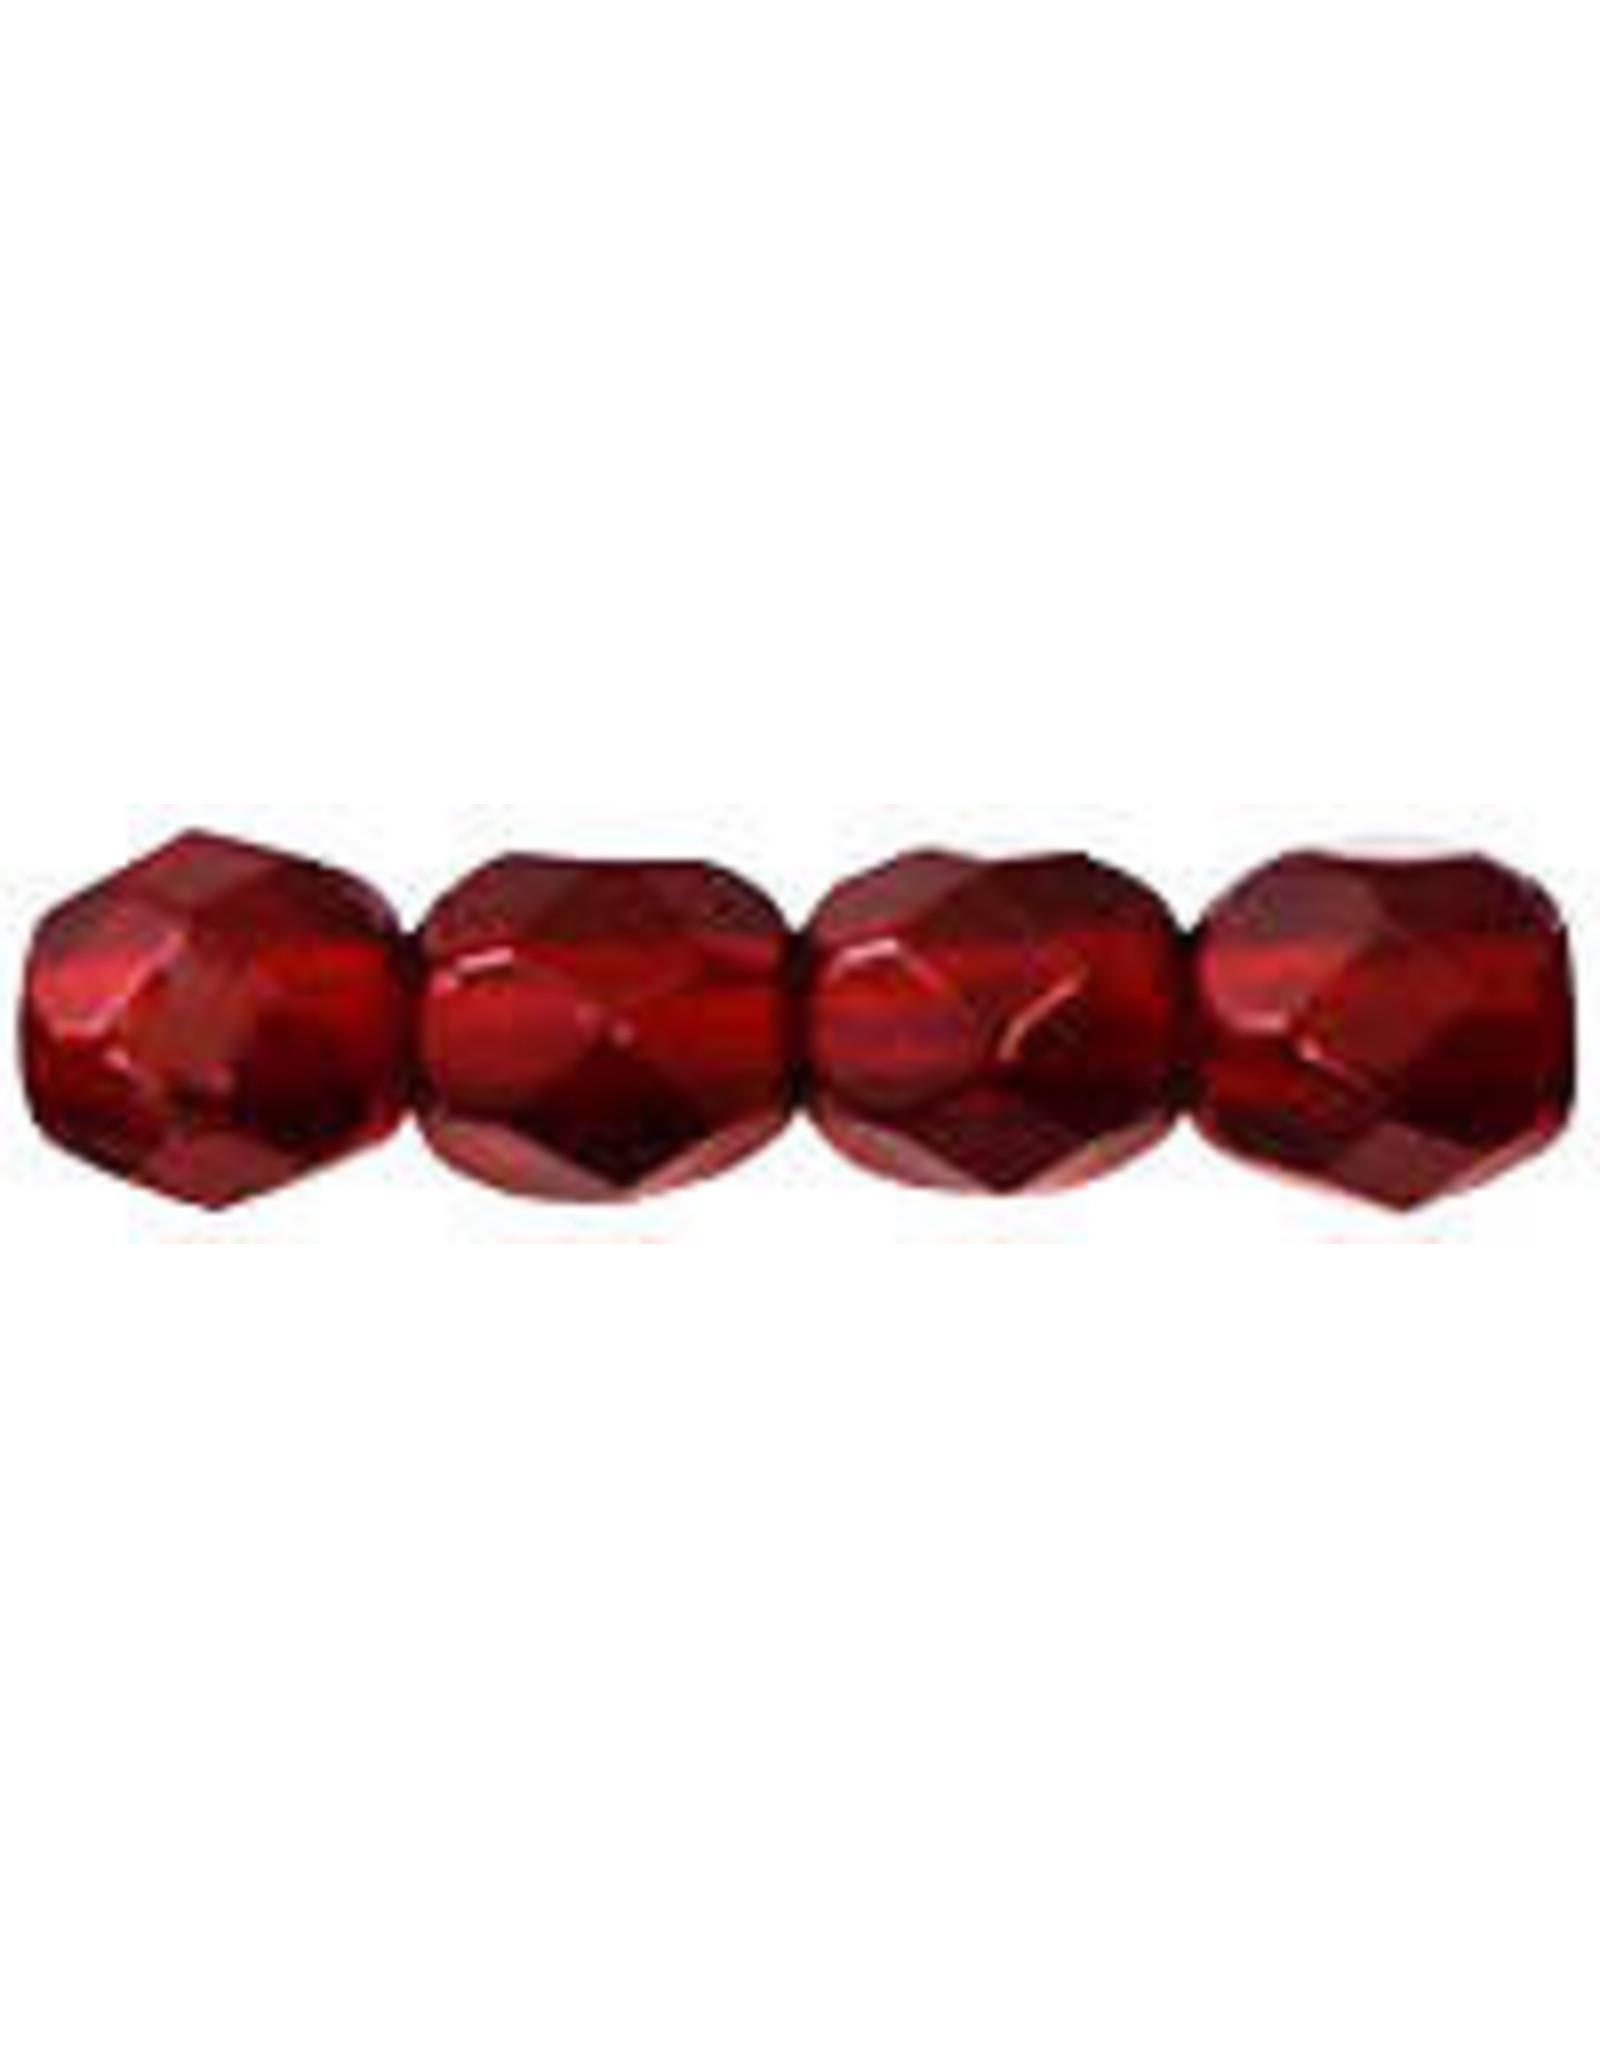 Czech 4mm Fire Polish Ruby Red x50